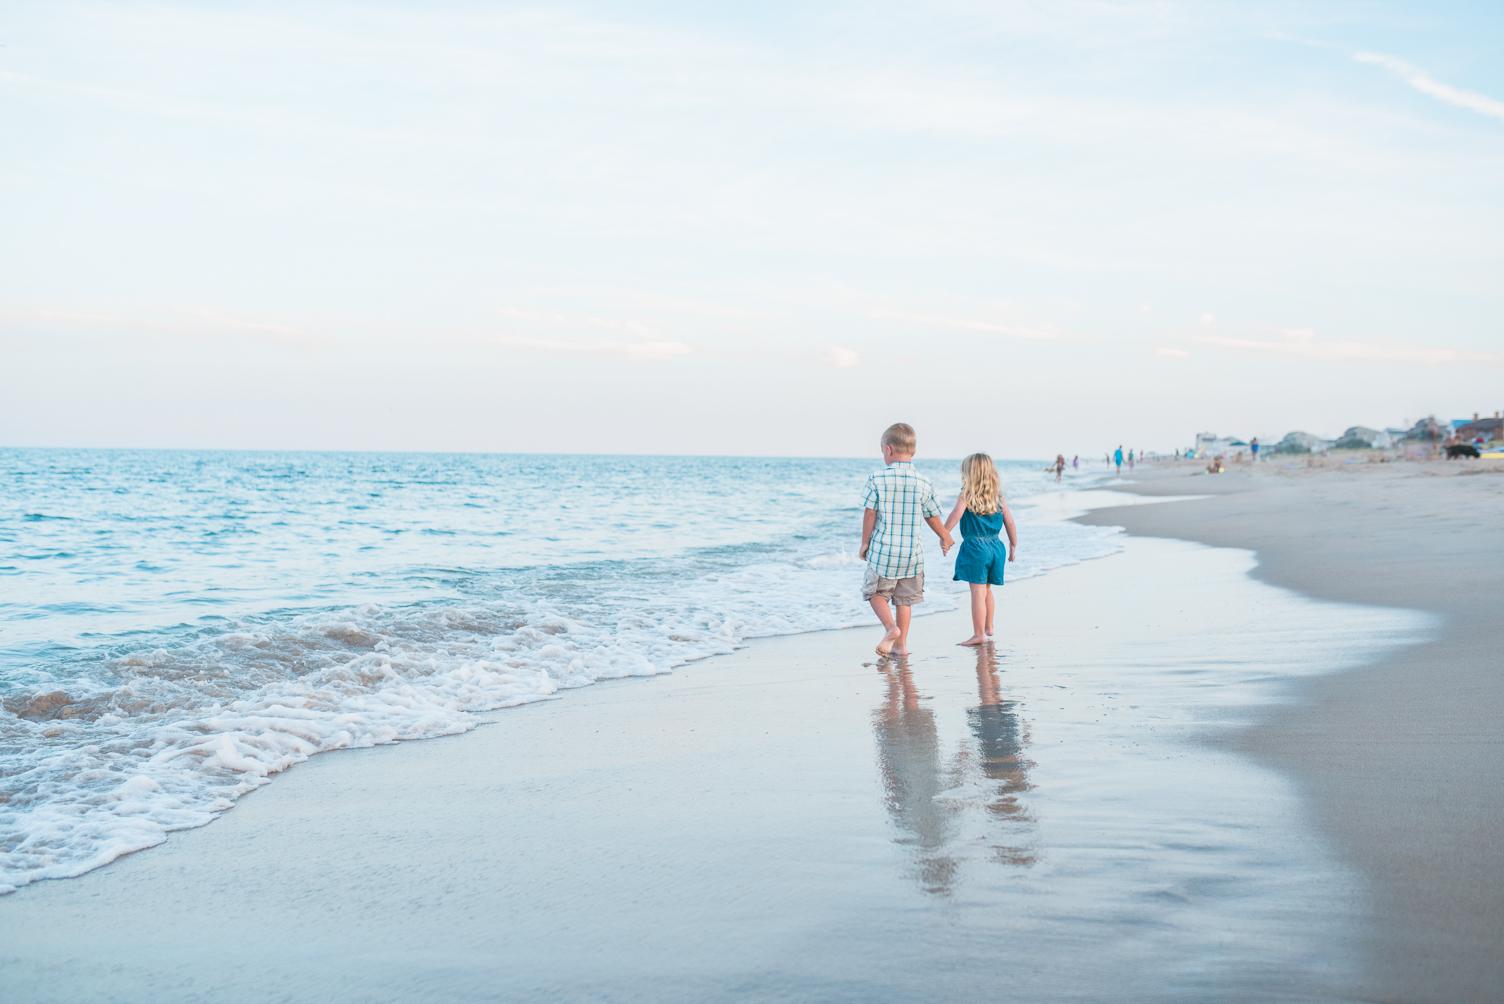 Maryland-Delaware-Beach-Photographer-Breanna-Kuhlmann-9.jpg